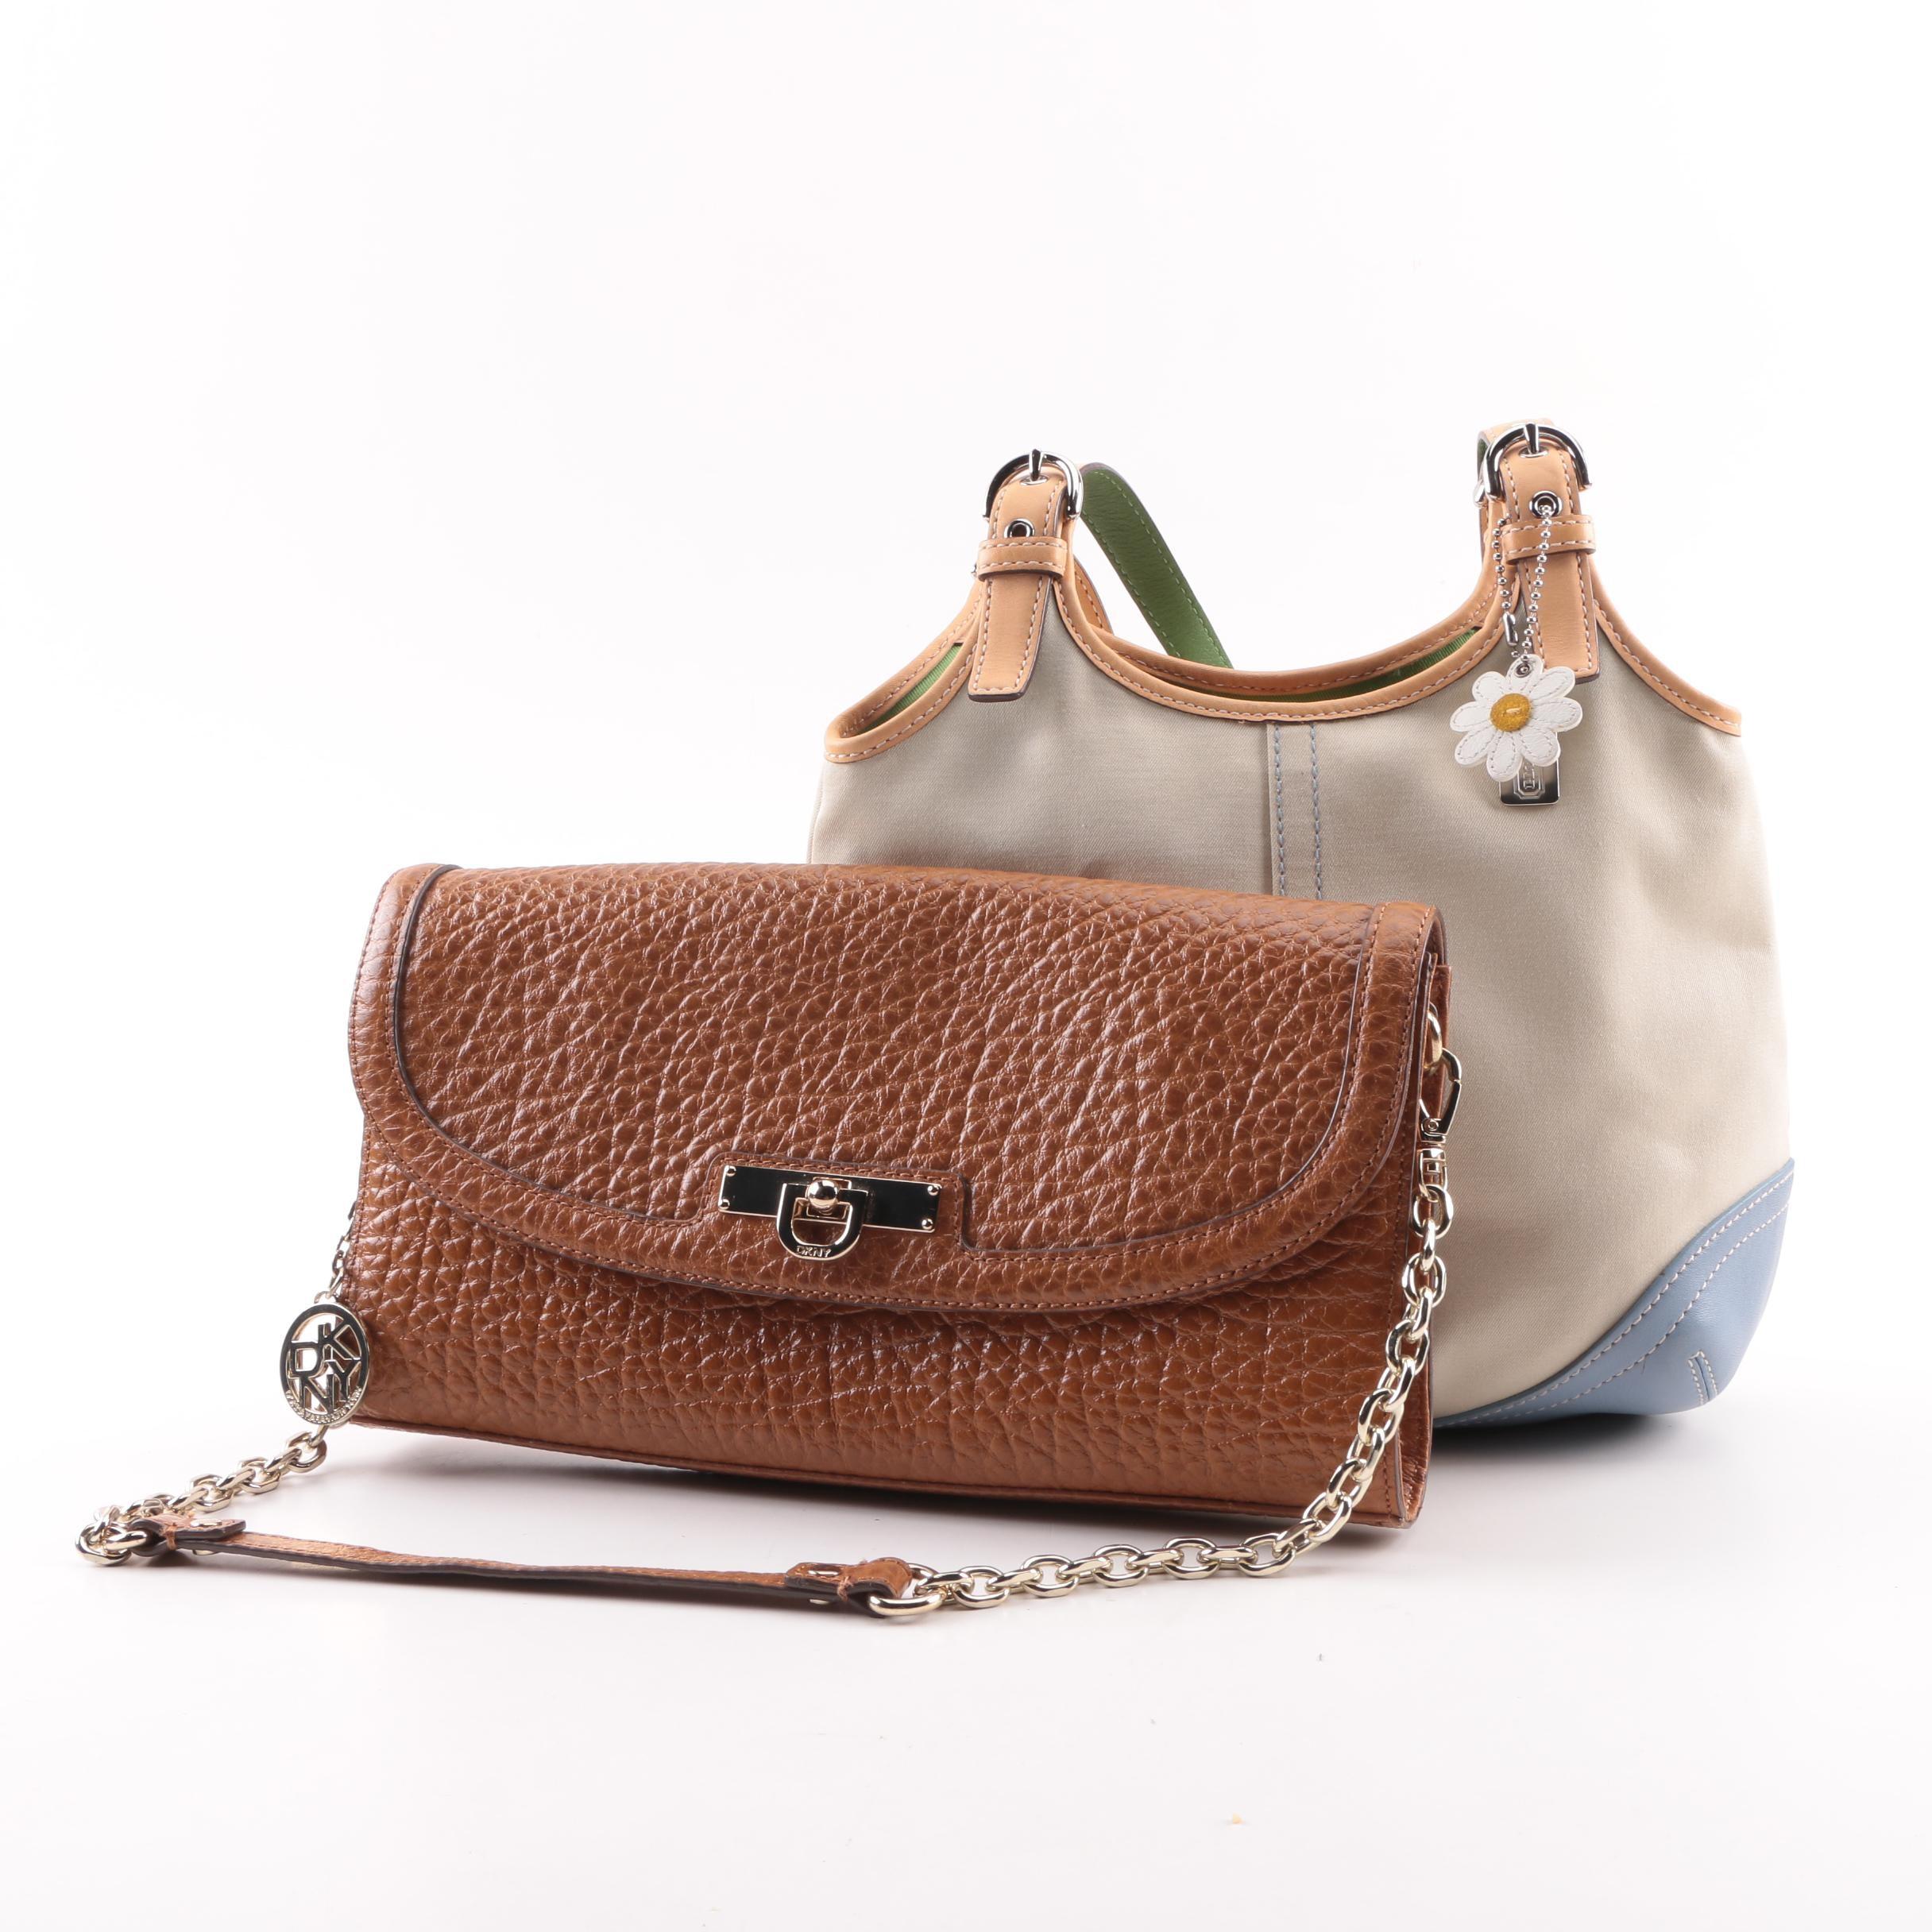 Coach Daisy Canvas Hobo Bag with DKNY Pebbled Leather Handbag